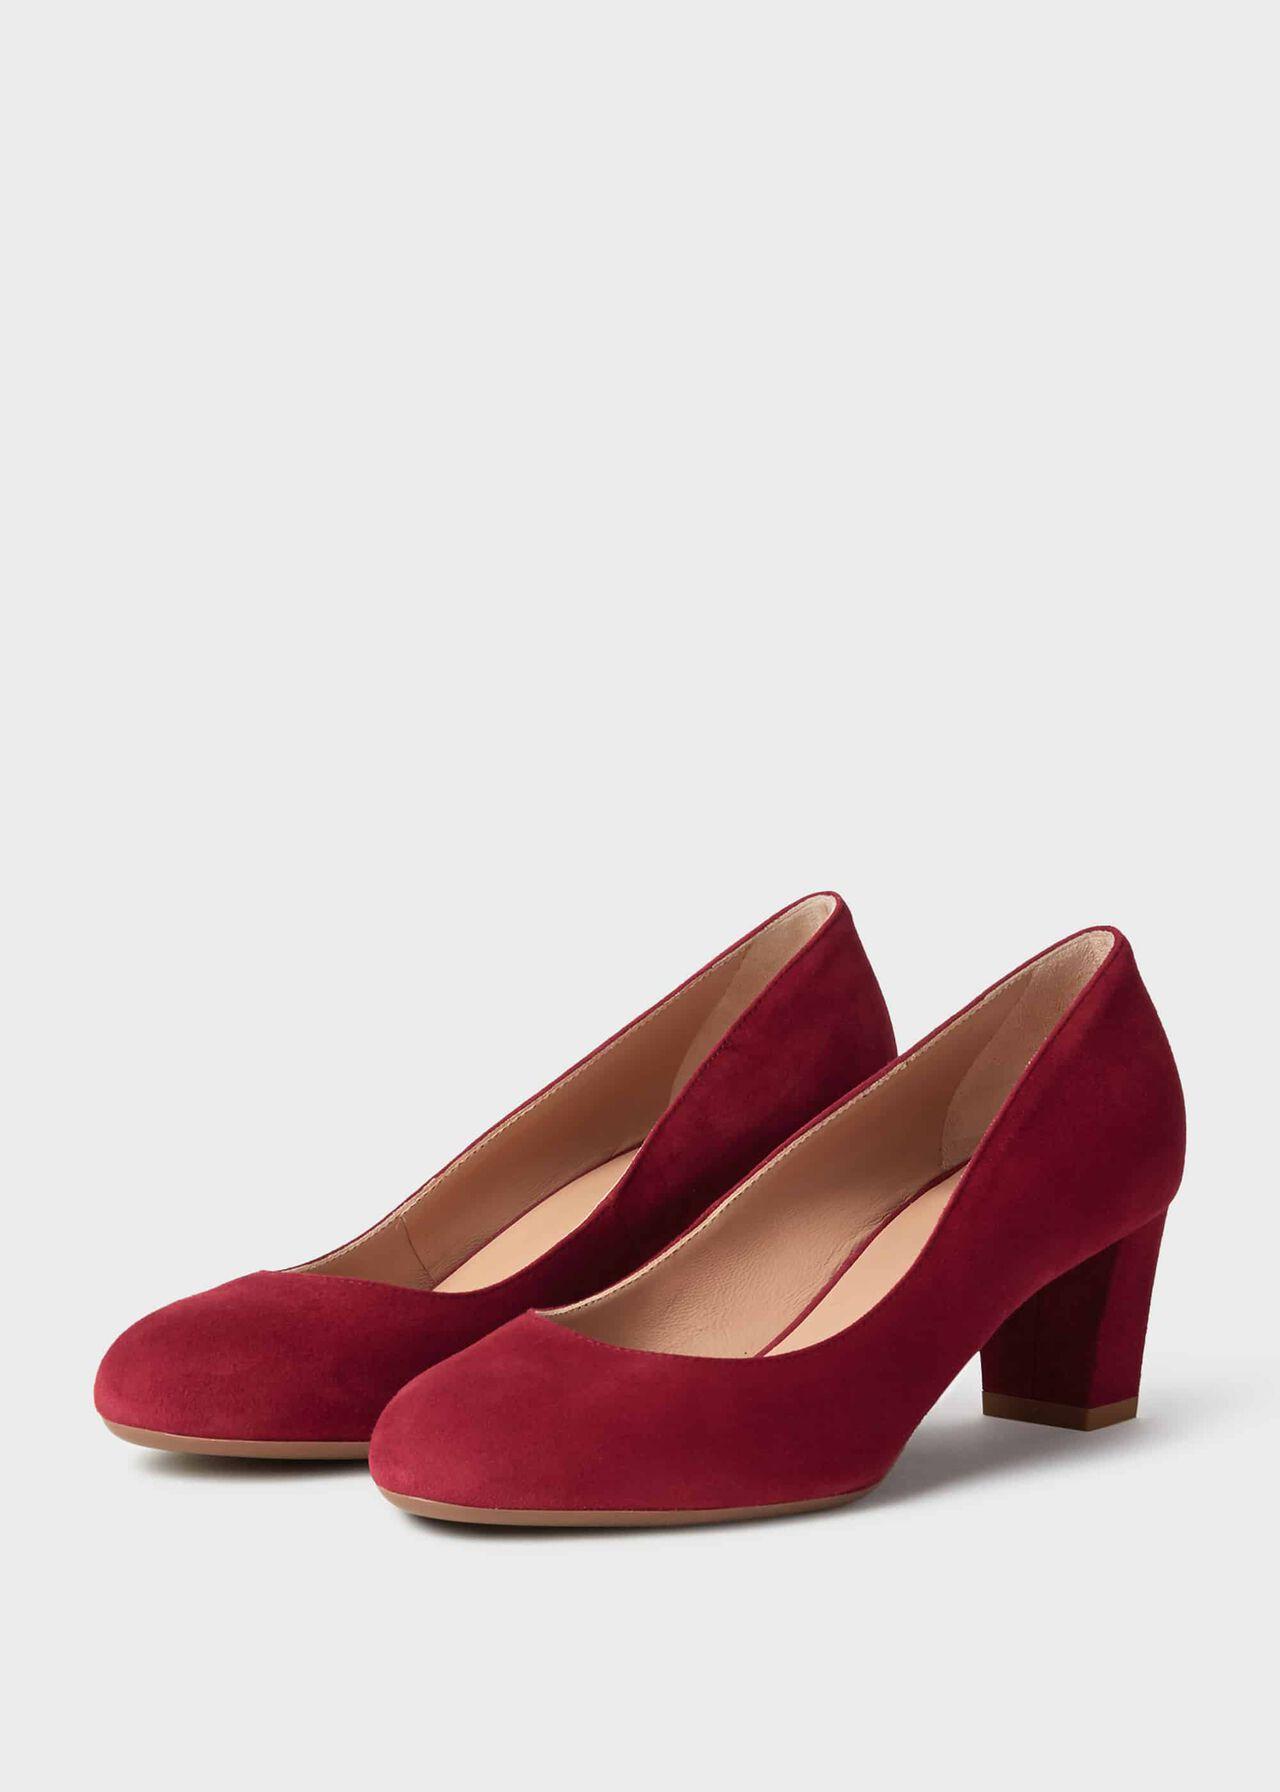 Amber Suede Block Heel Court Shoes Dark Cherry